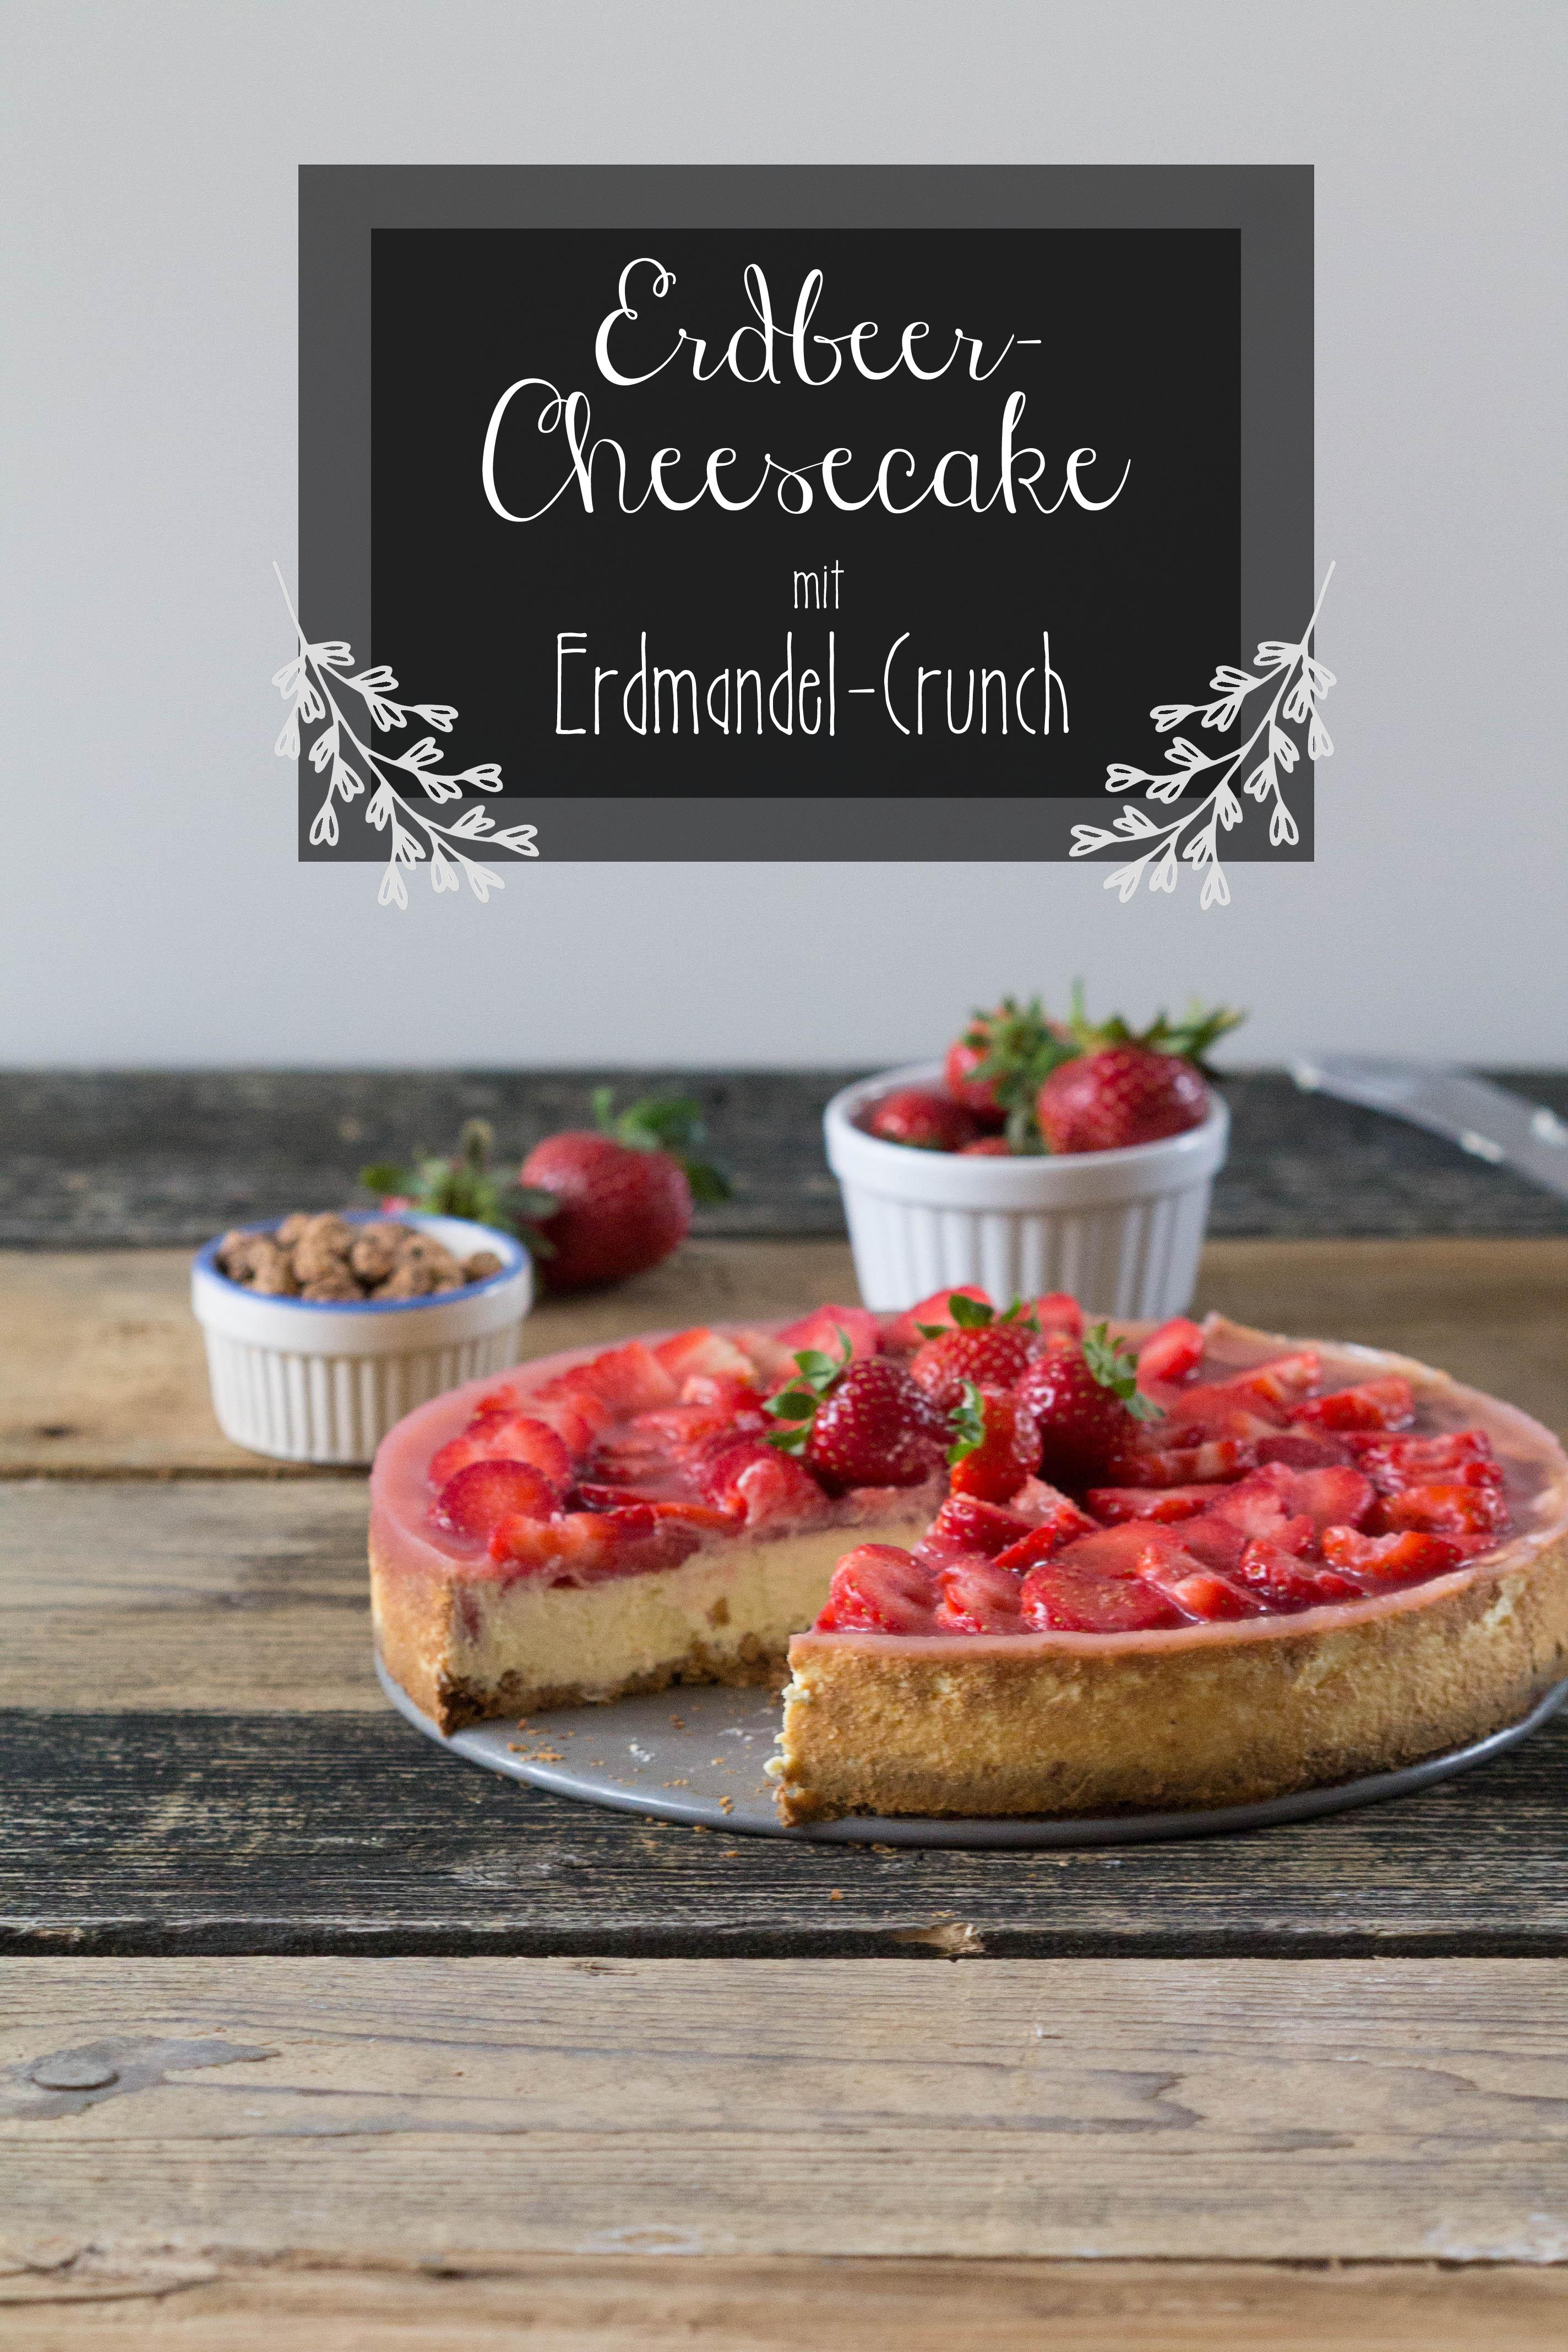 FAIBLE_Erdbeer-Cheesecake mit Erdmandel_9